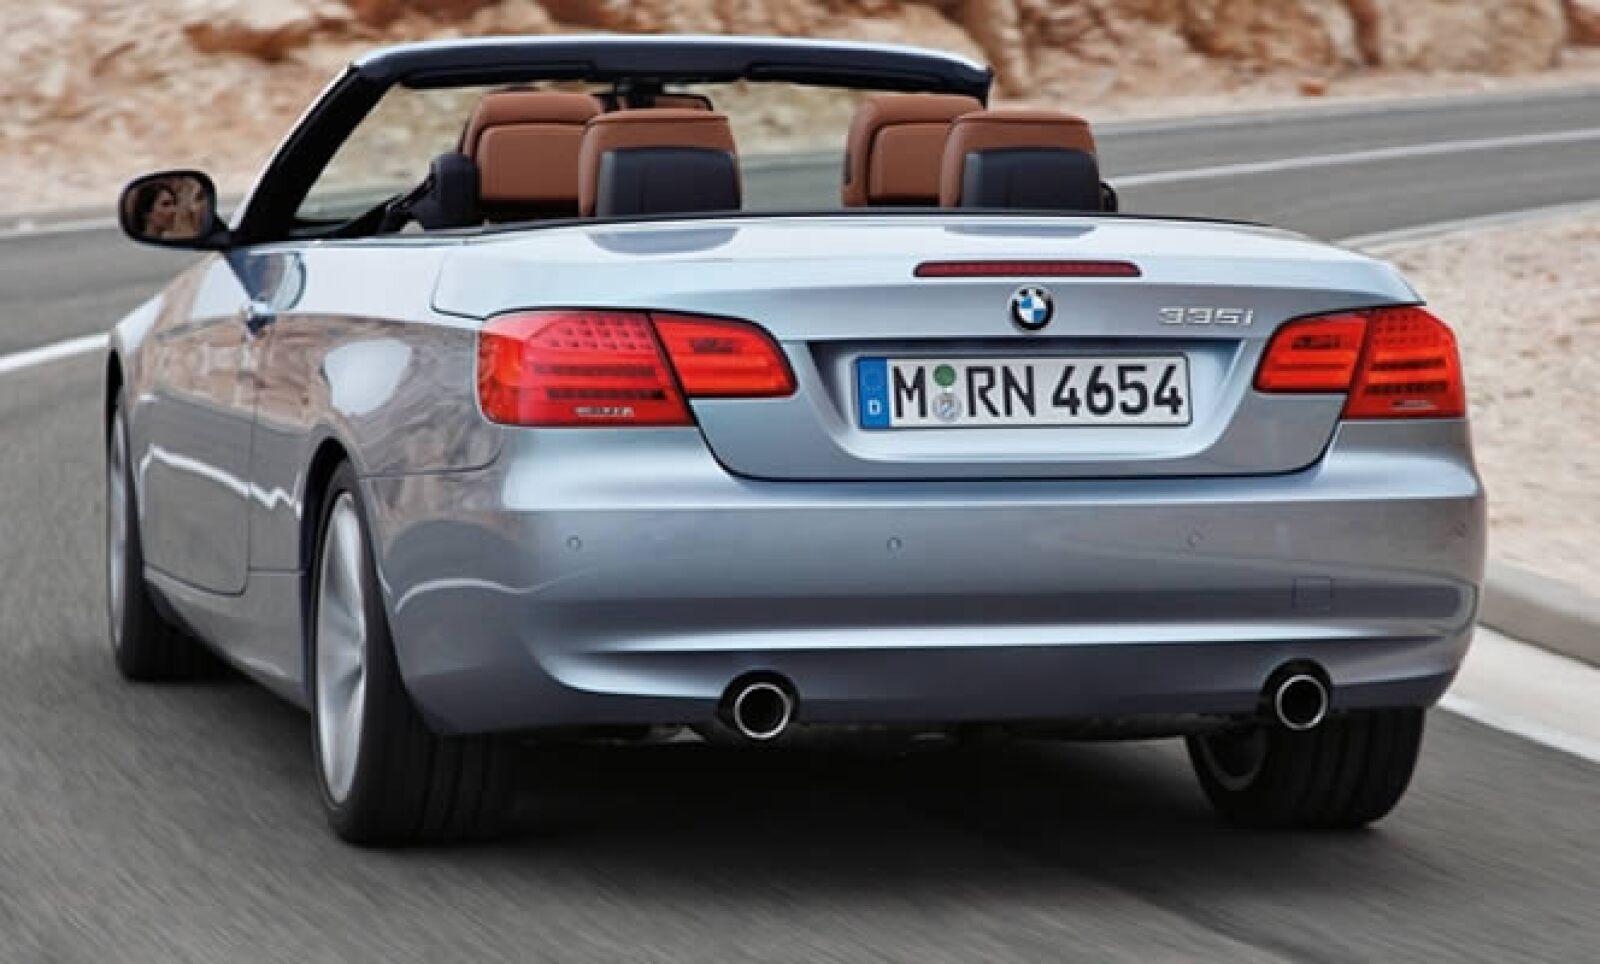 El nuevo Serie 3, está disponible en cuatro versiones: Coupé, Cabrio, Berlina y Touring.